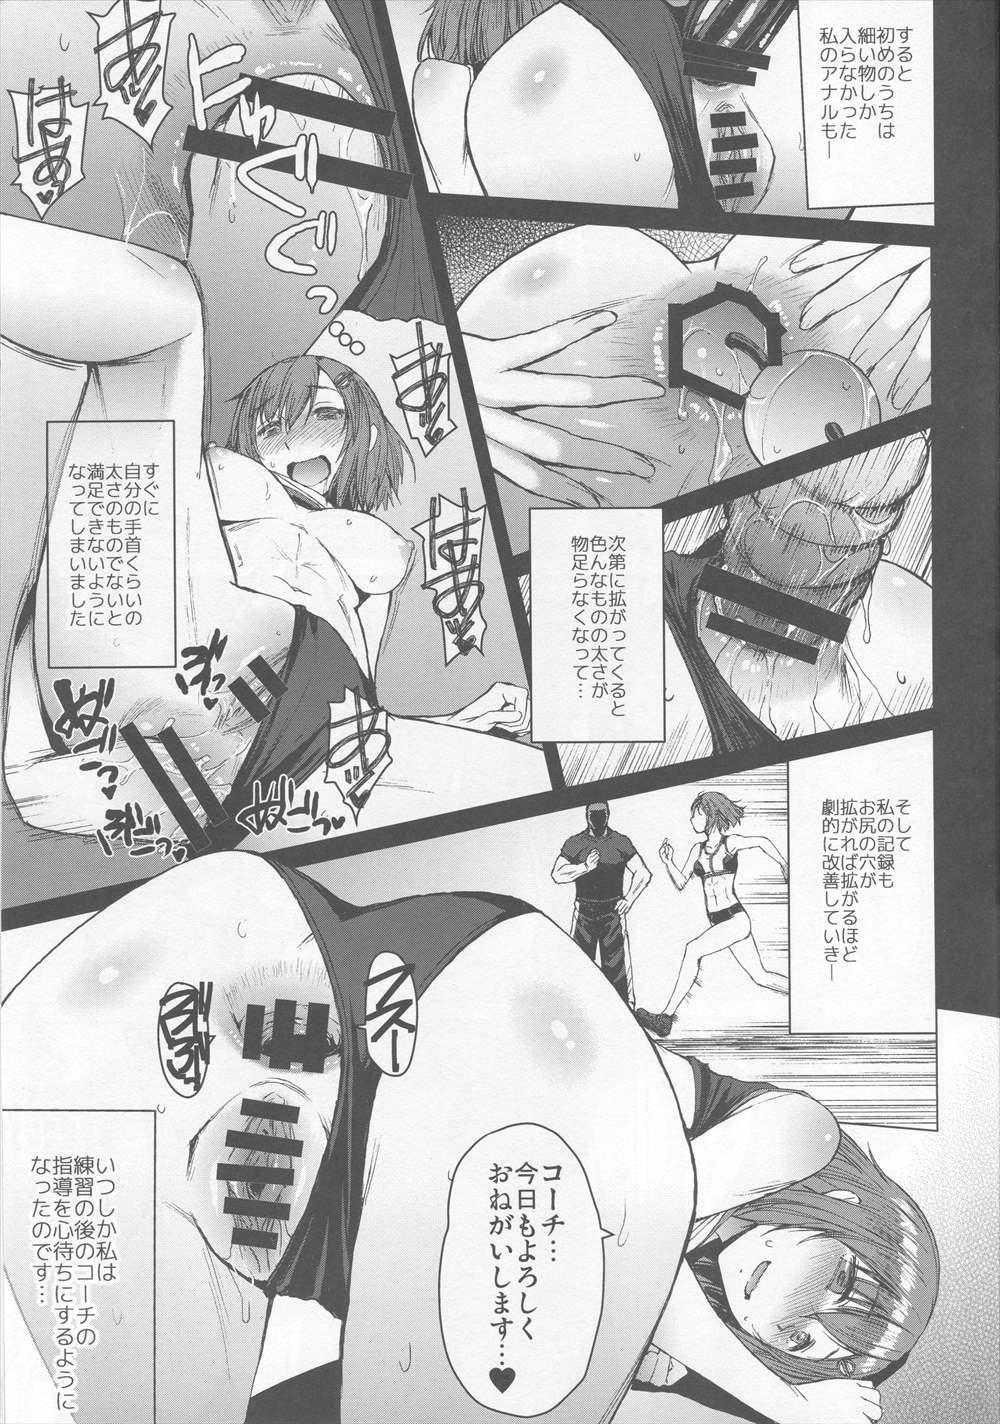 【エロ同人誌】陸上女子がコーチにアナル調教され…すでに快楽落ちの先輩にペニバン二穴ファック!【黒龍眼:女子陸上交尾】